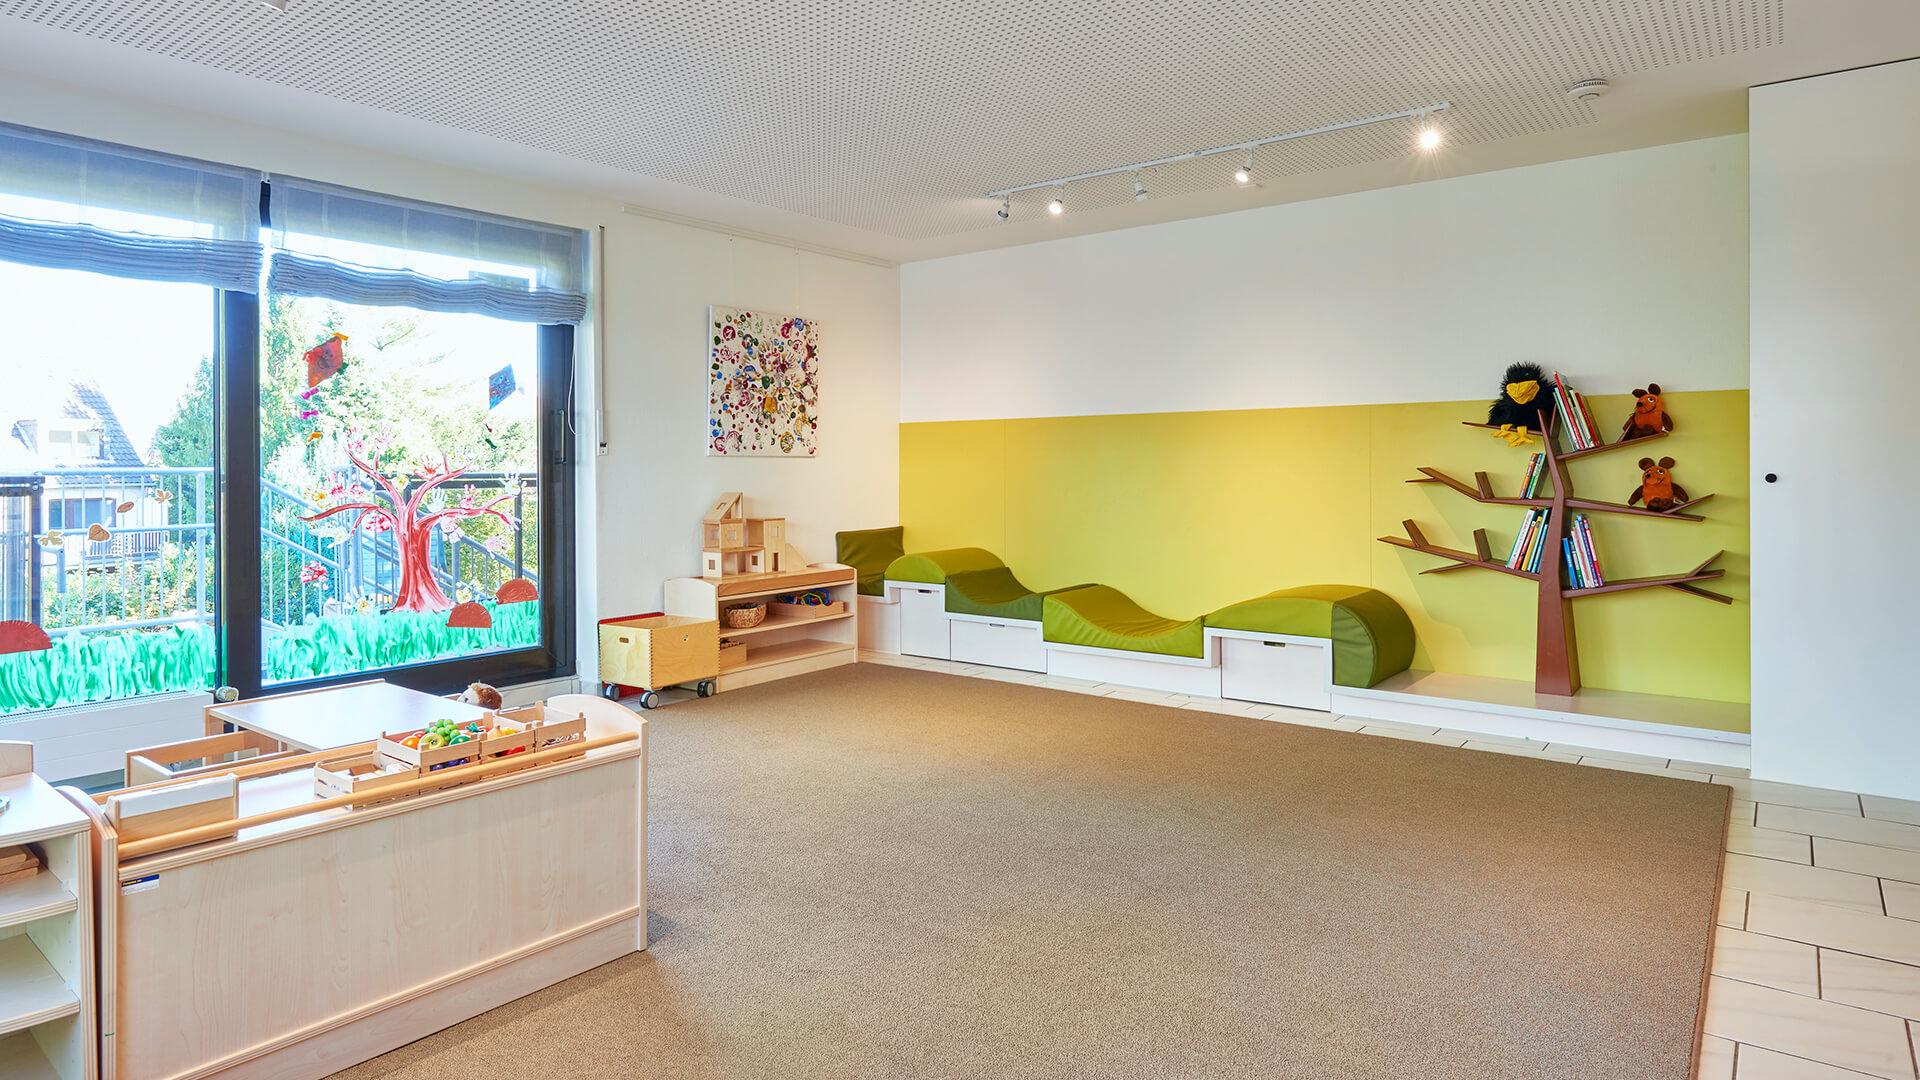 Gruppenraum der Kita mit großen, bemalten Fenstern, weichem Teppich und Bildern an den Wänden